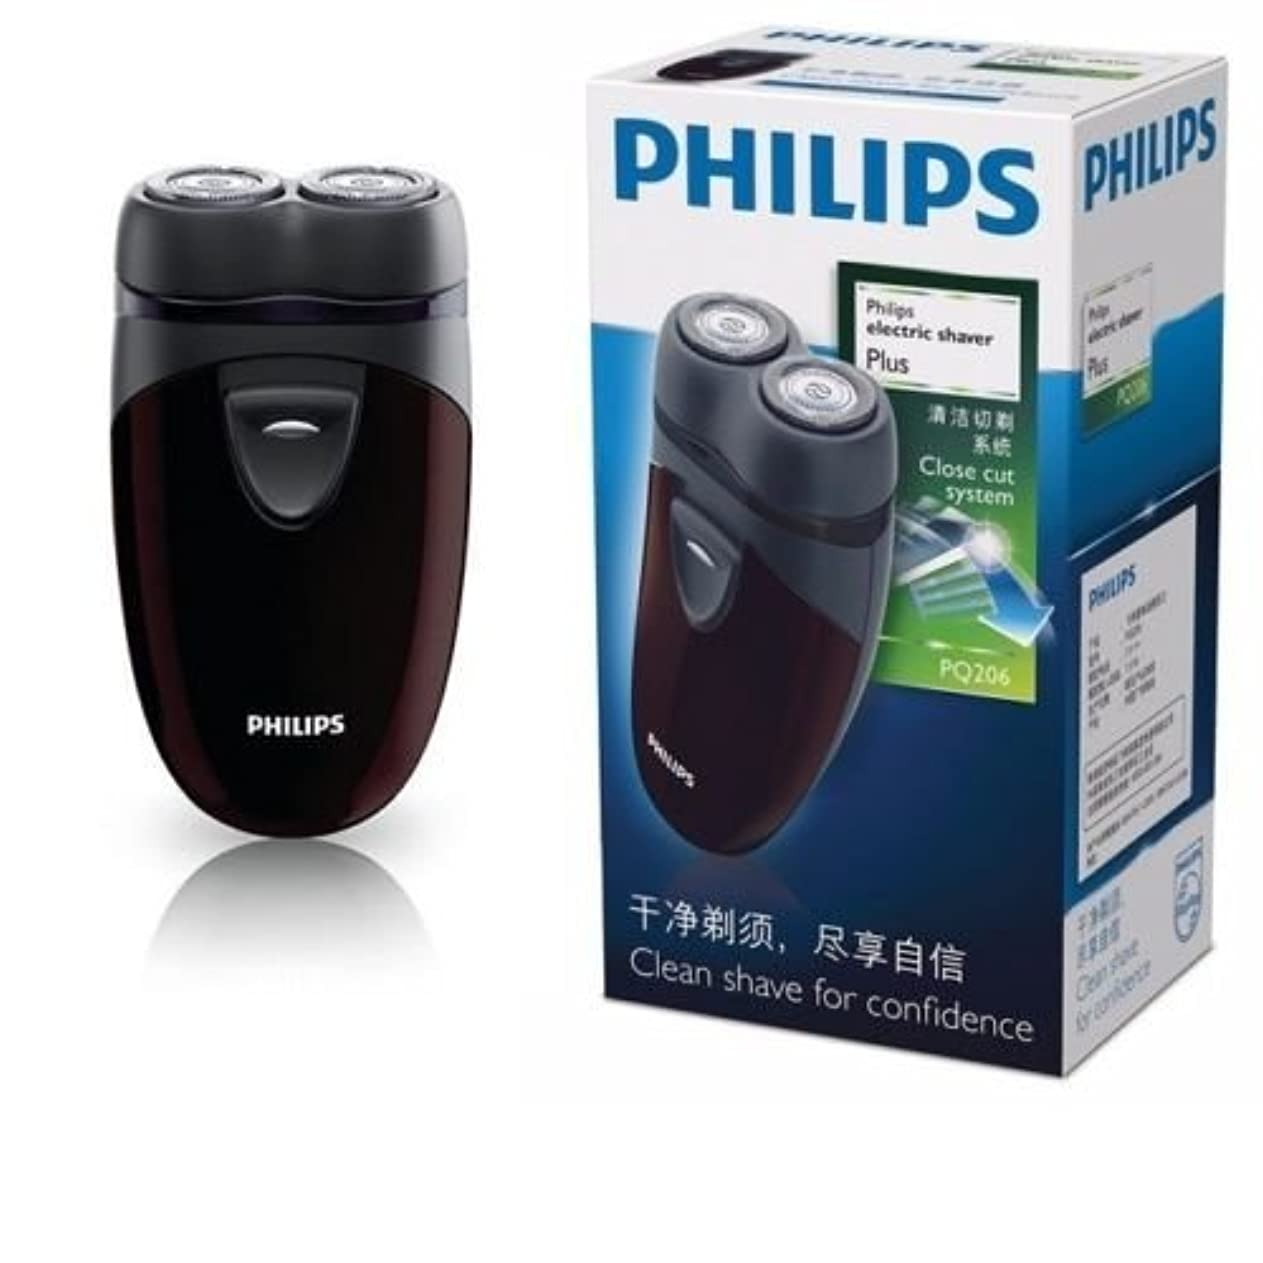 信頼性分泌する帰するPhilips PQ206 電気シェーバーのバッテリーは持ち運びに便利パワード [並行輸入品]